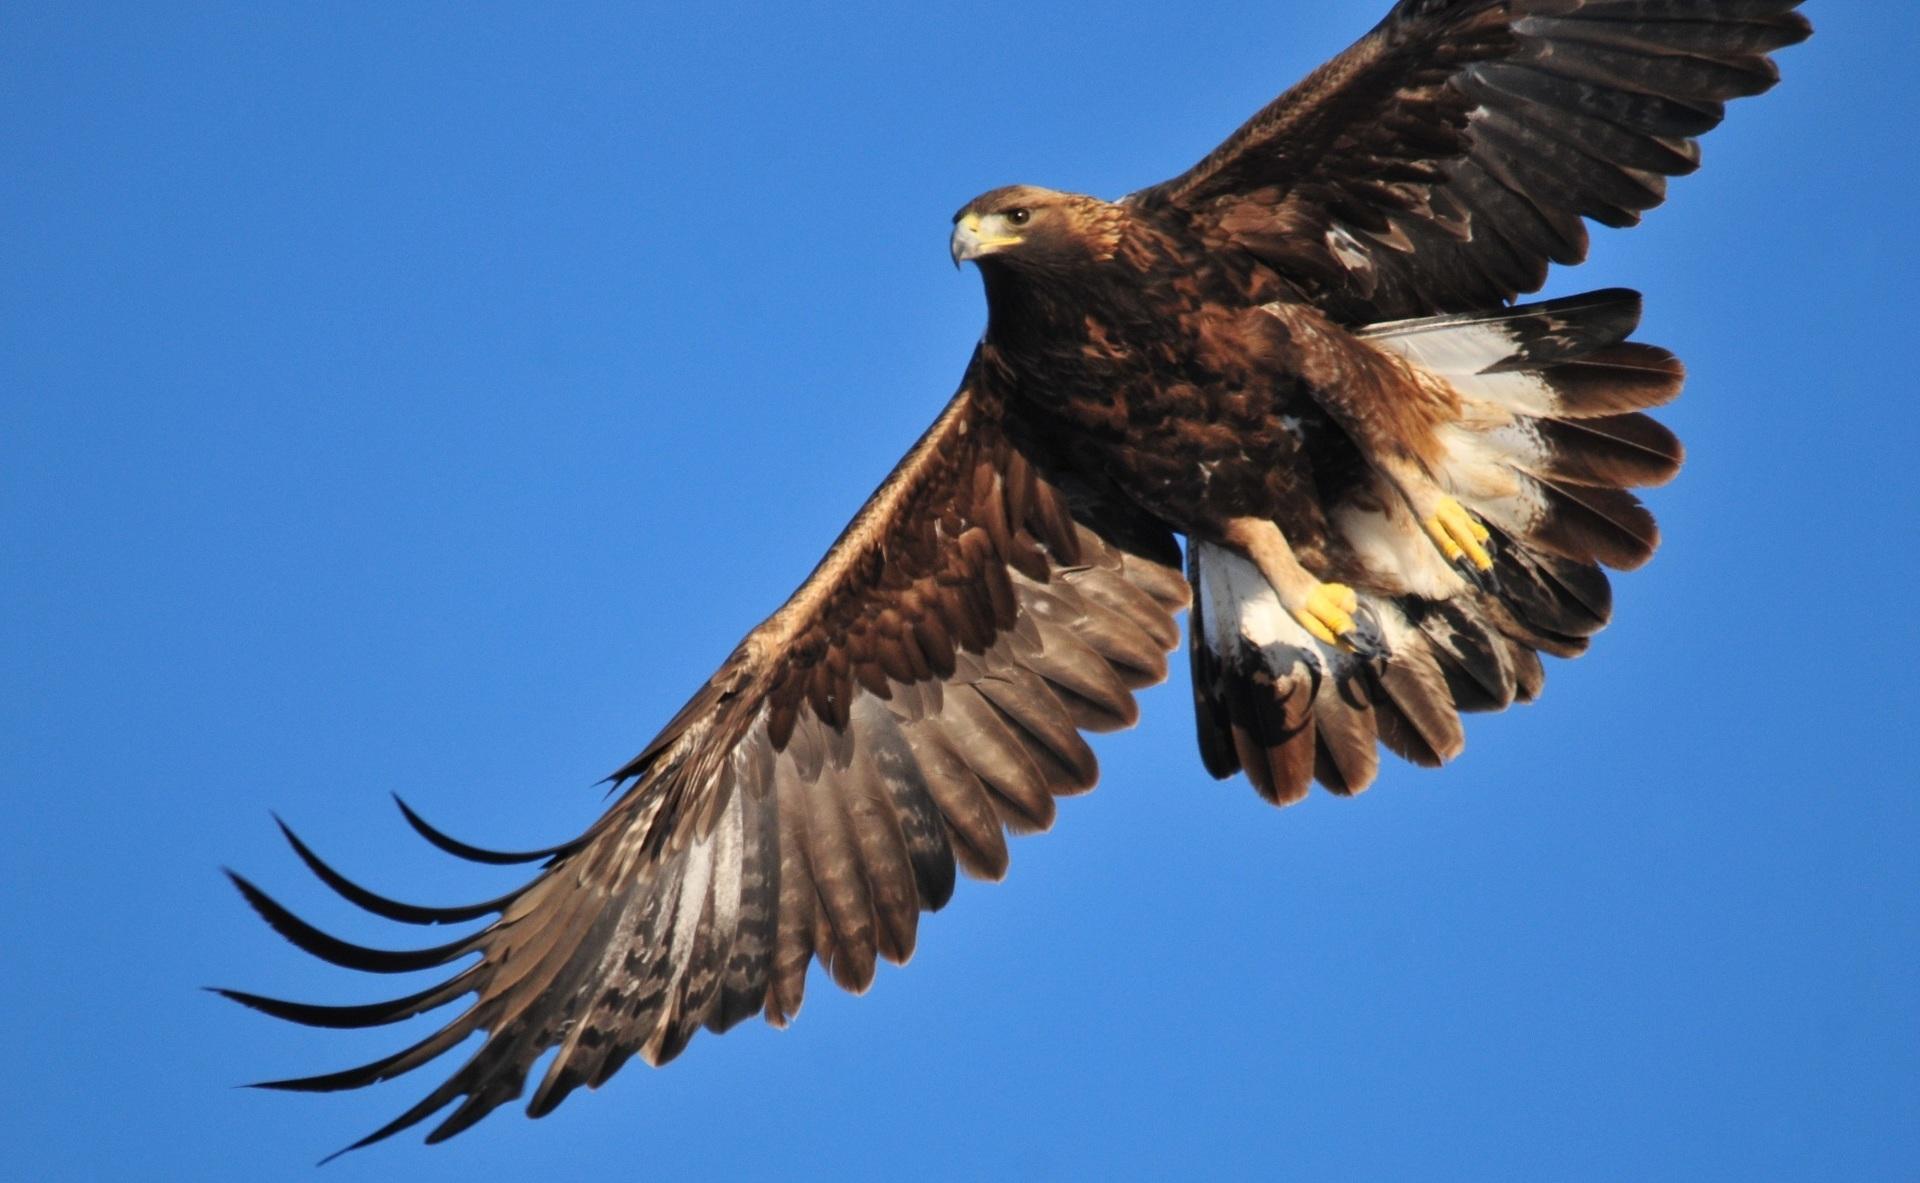 Vista contrapicada de águila real volando en el cielo.